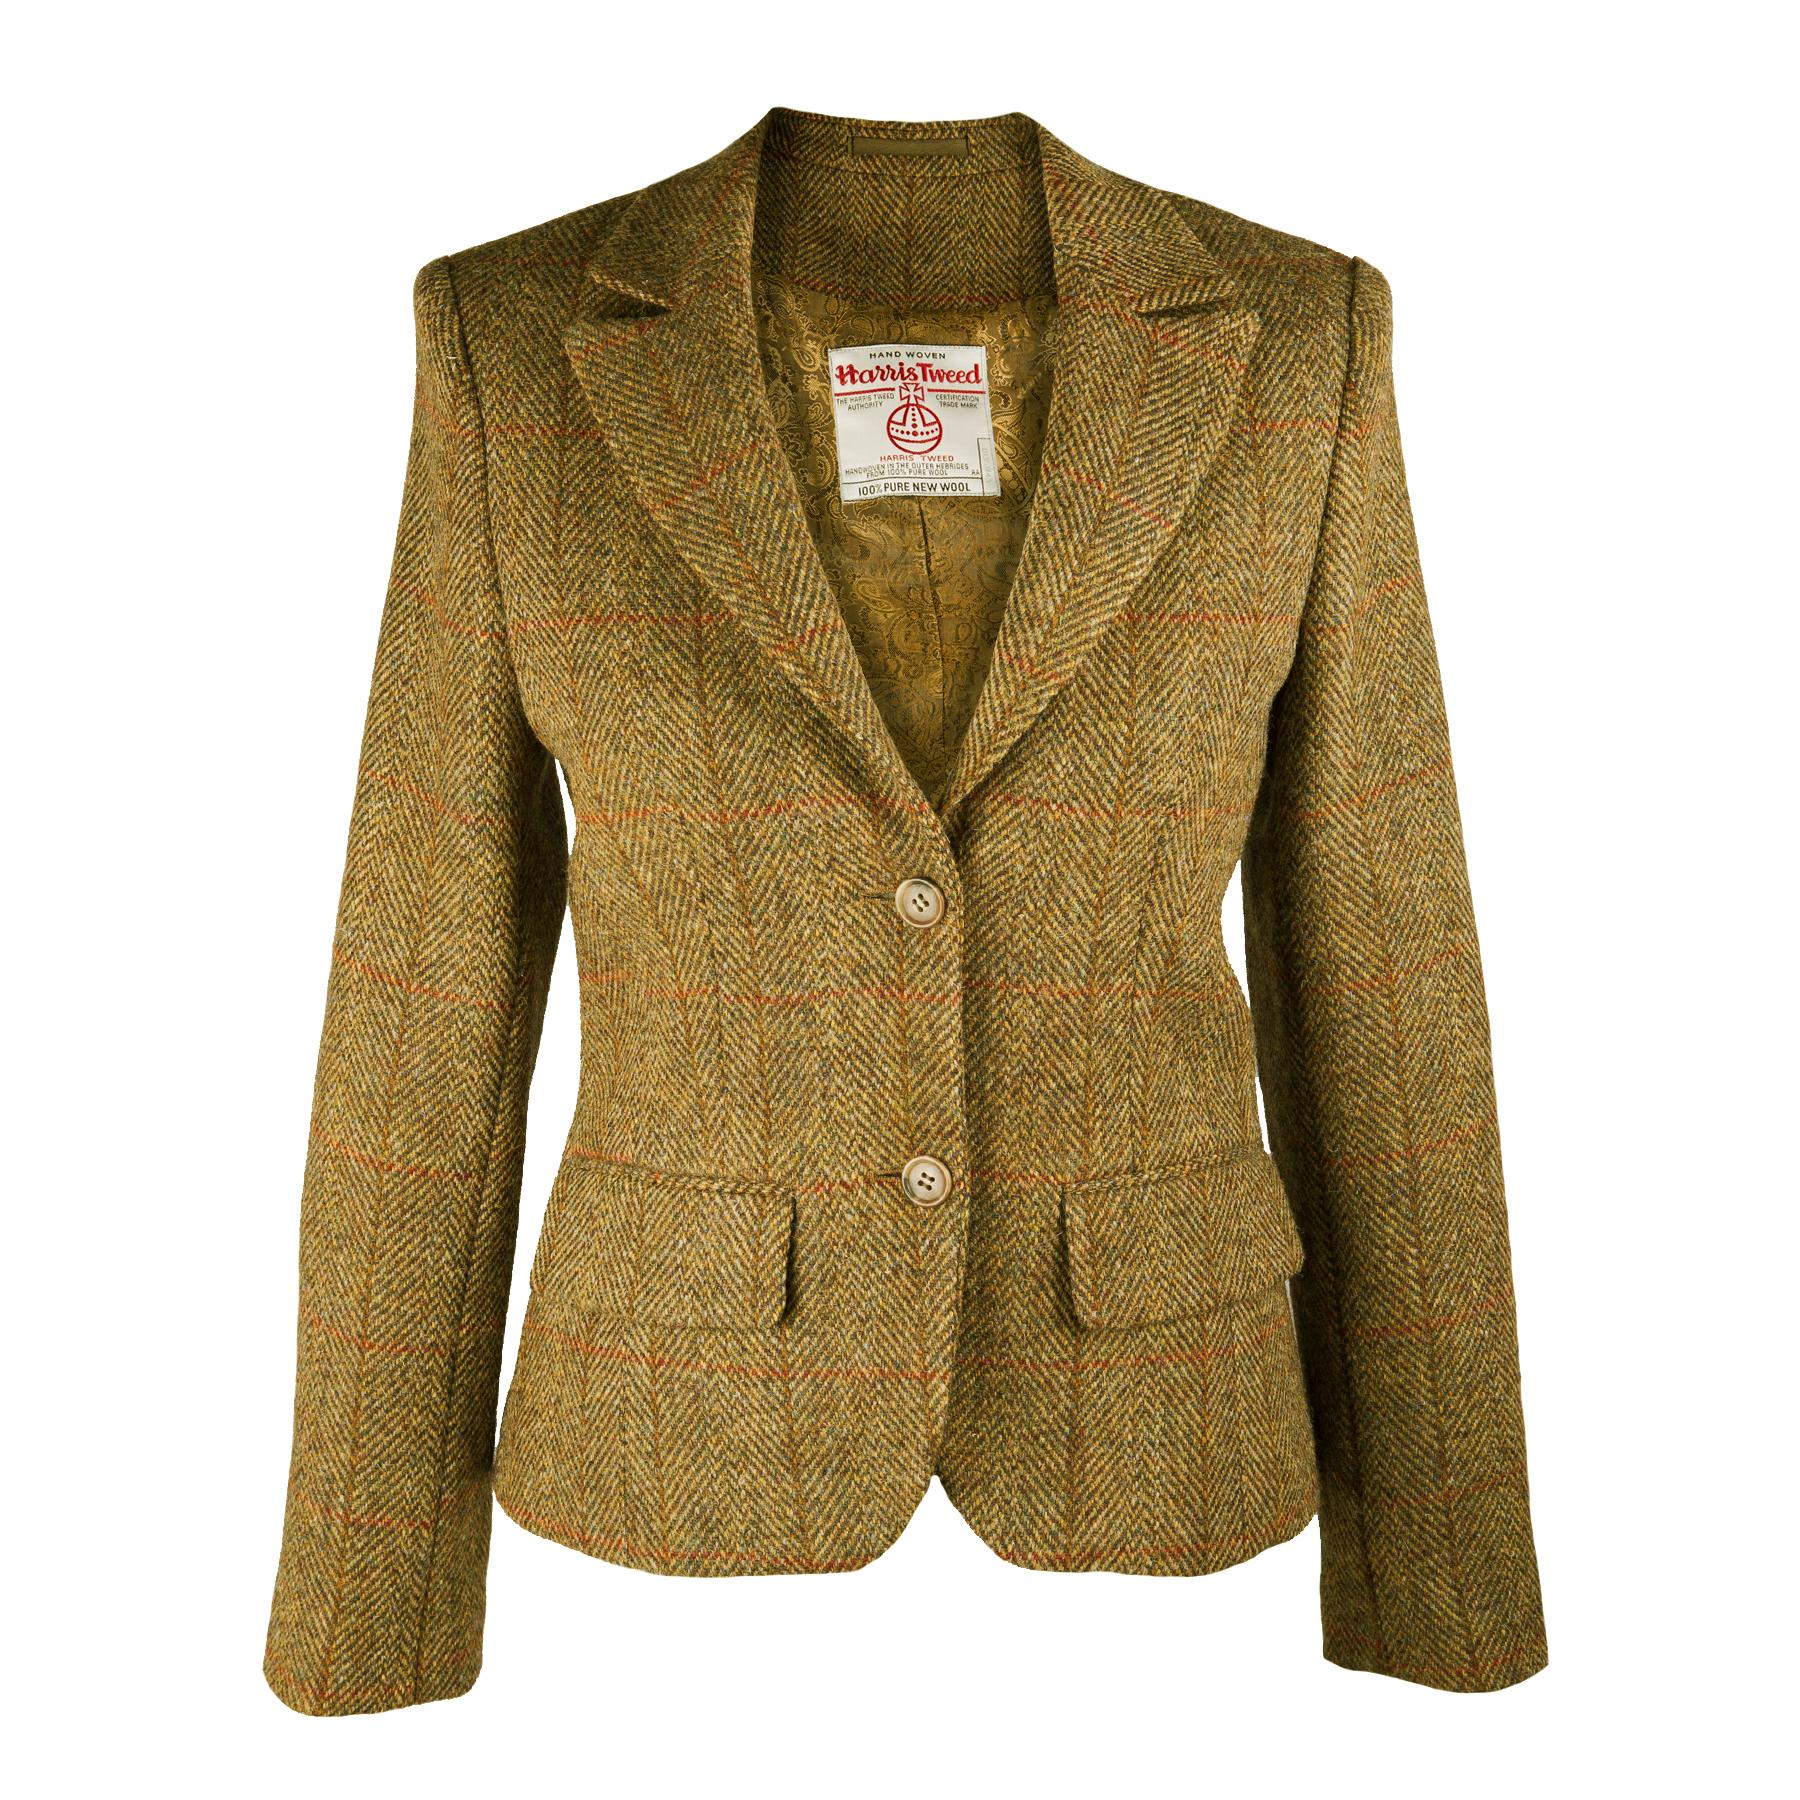 Harris tweed jacket womens